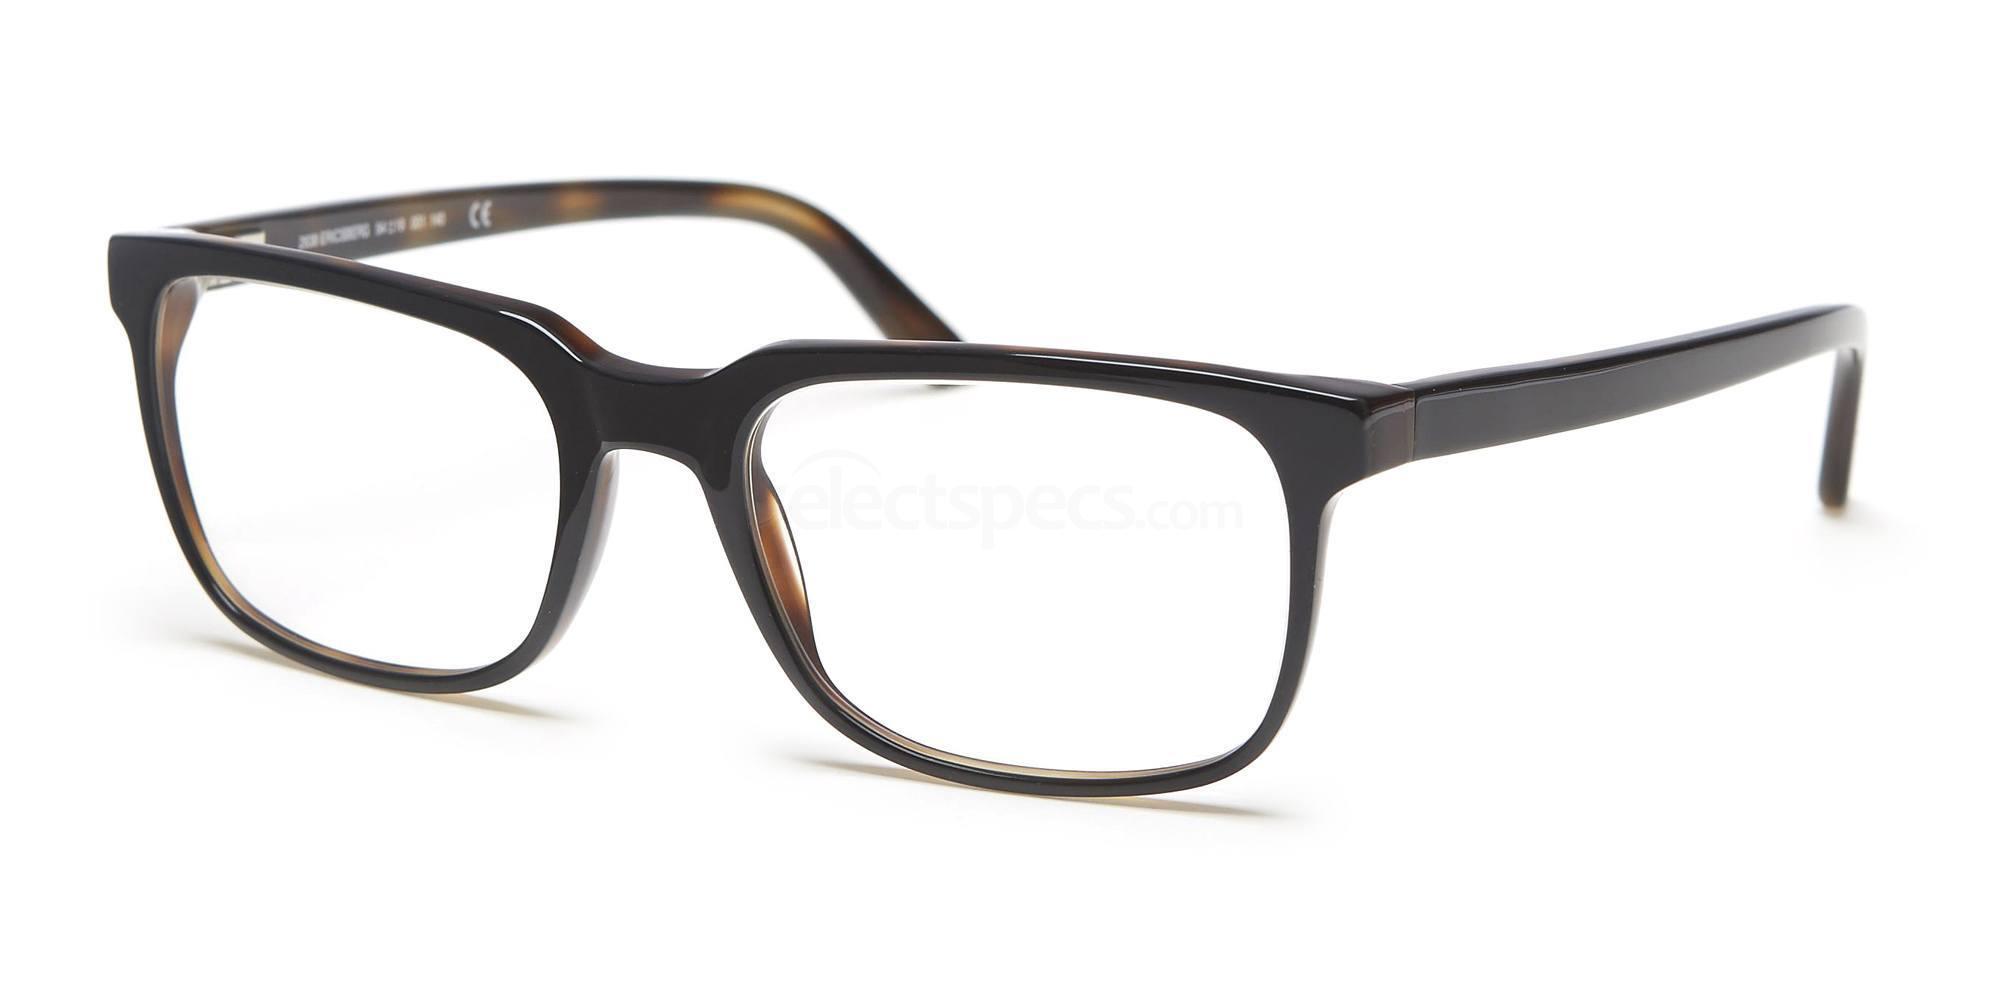 001 2638 ERICSBERG Glasses, Skaga